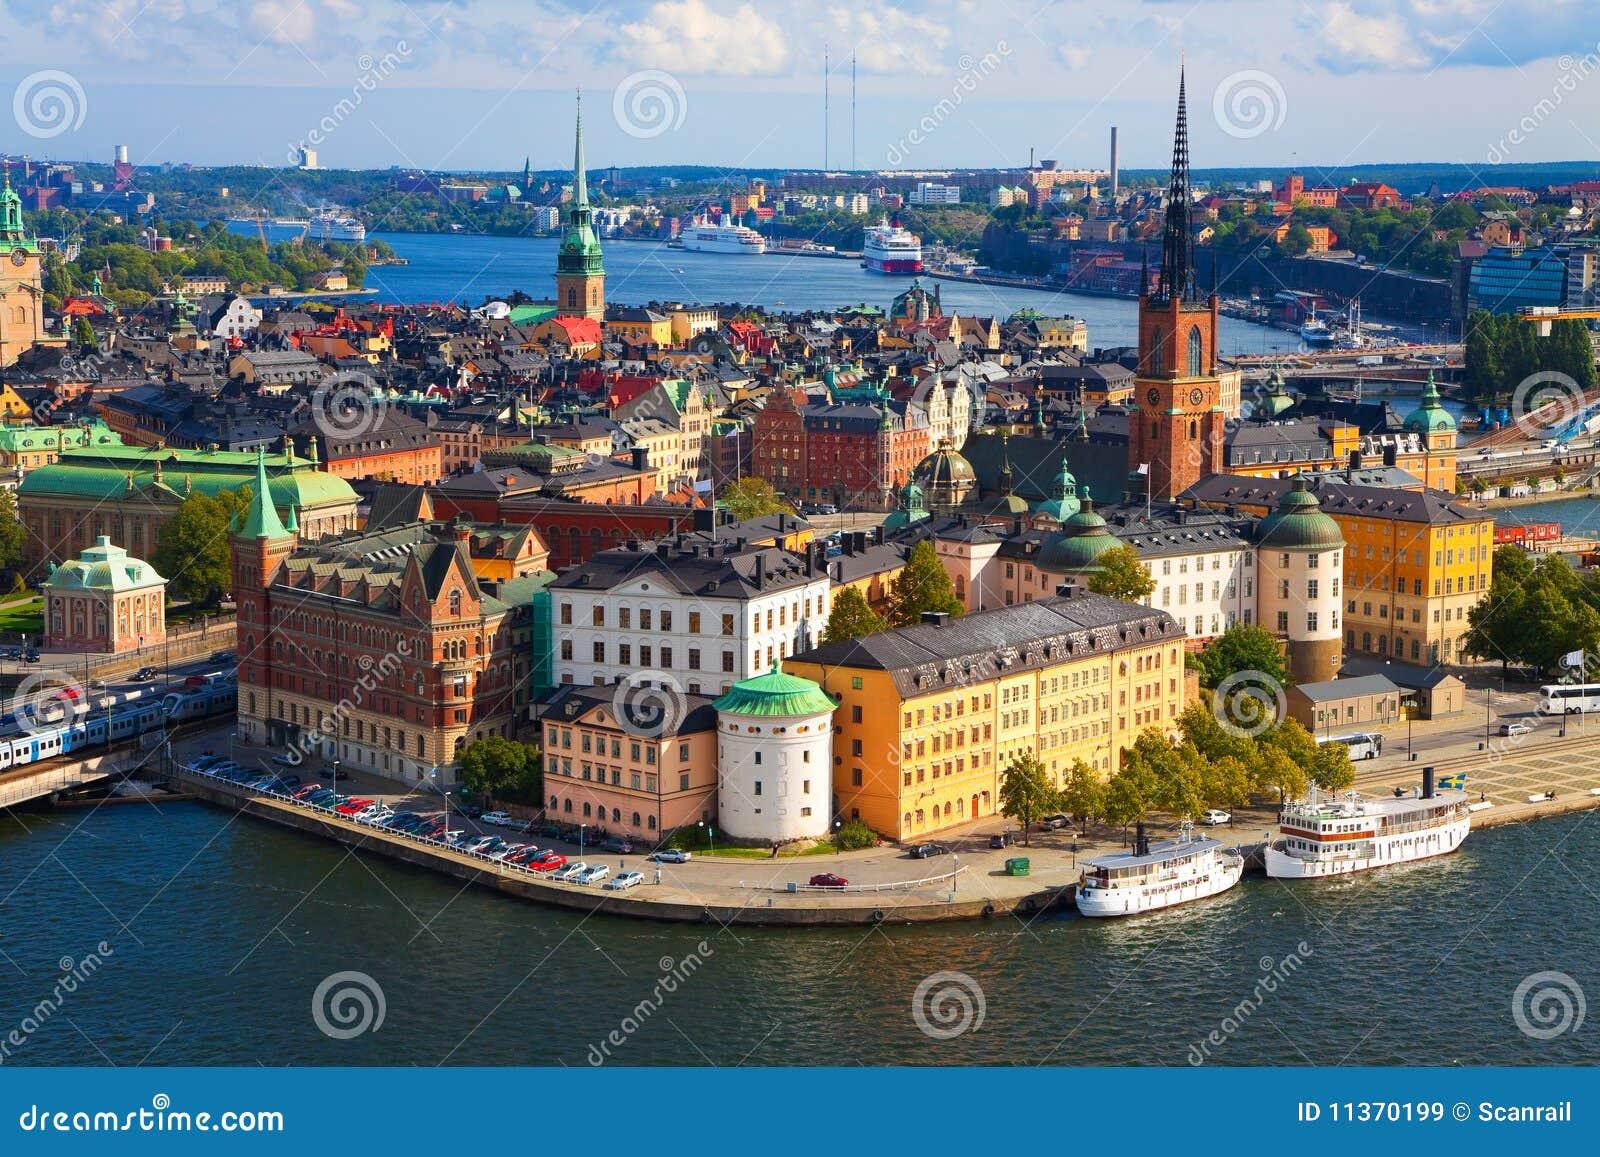 πανόραμα Στοκχόλμη Σουηδί